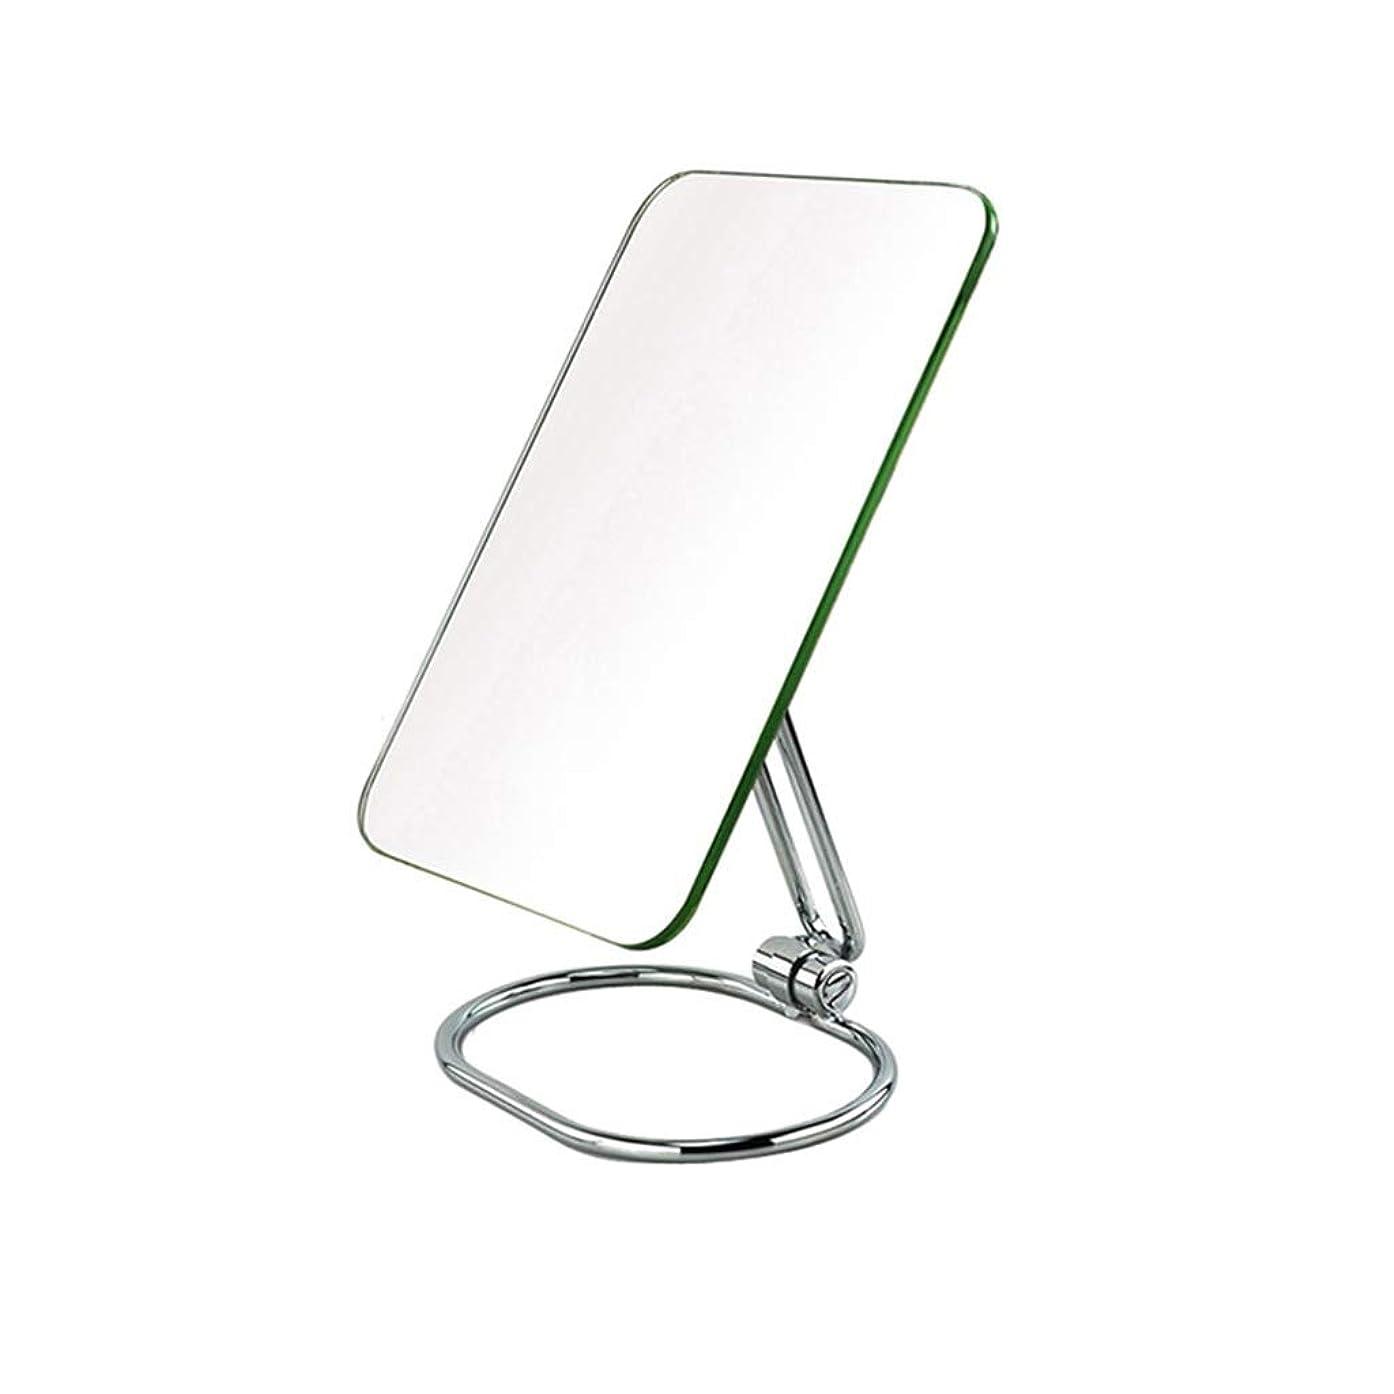 風が強いシネマ形成Zdong-鏡 メタルバスルームミラー、長方形男性ホールディングシェービング用ミラーポータブル壁掛けメイクアップミラー錬鉄のサポートハーフミラー 家庭 (Size : 14.5*20.2CM)